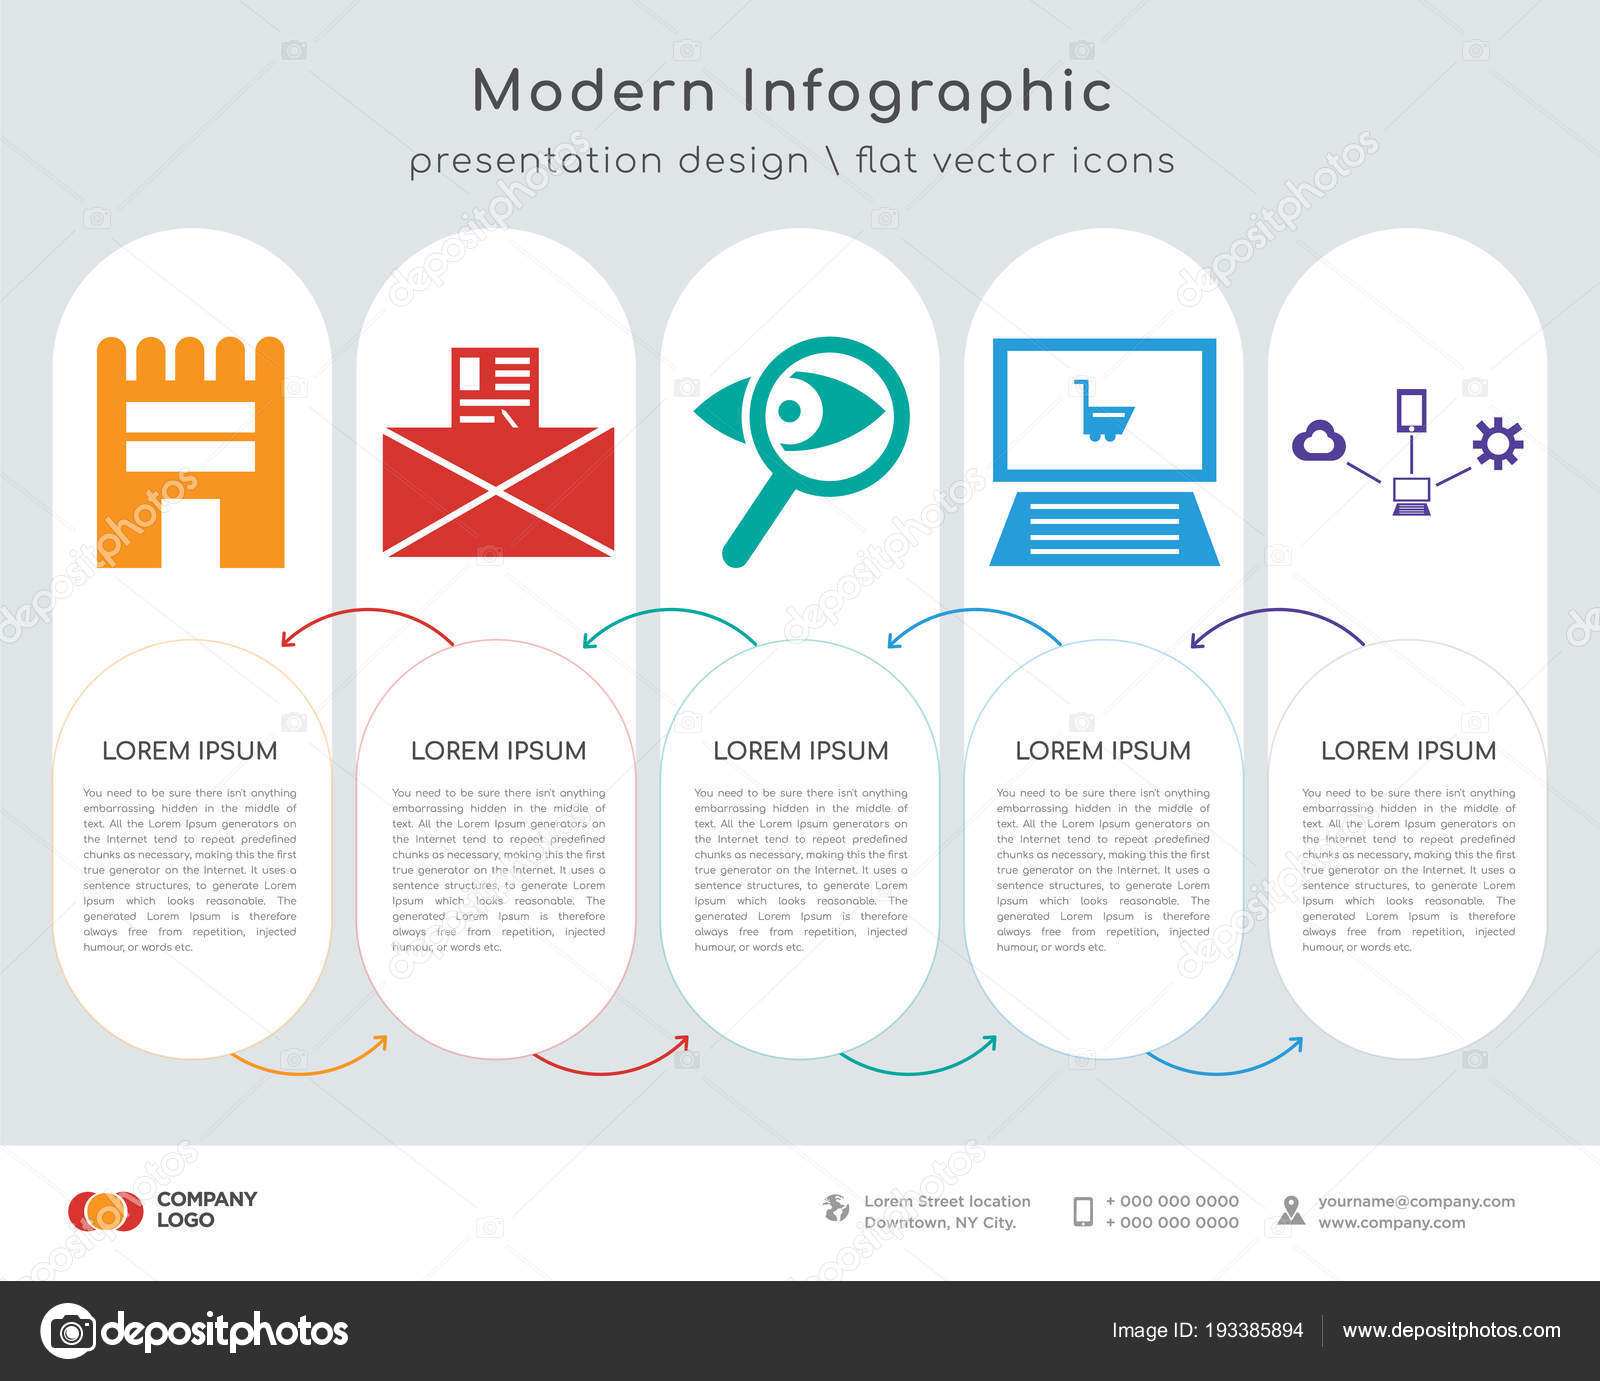 Infografiken Gestalten Vektor Und Shop Email Suche Auf Ansprechende